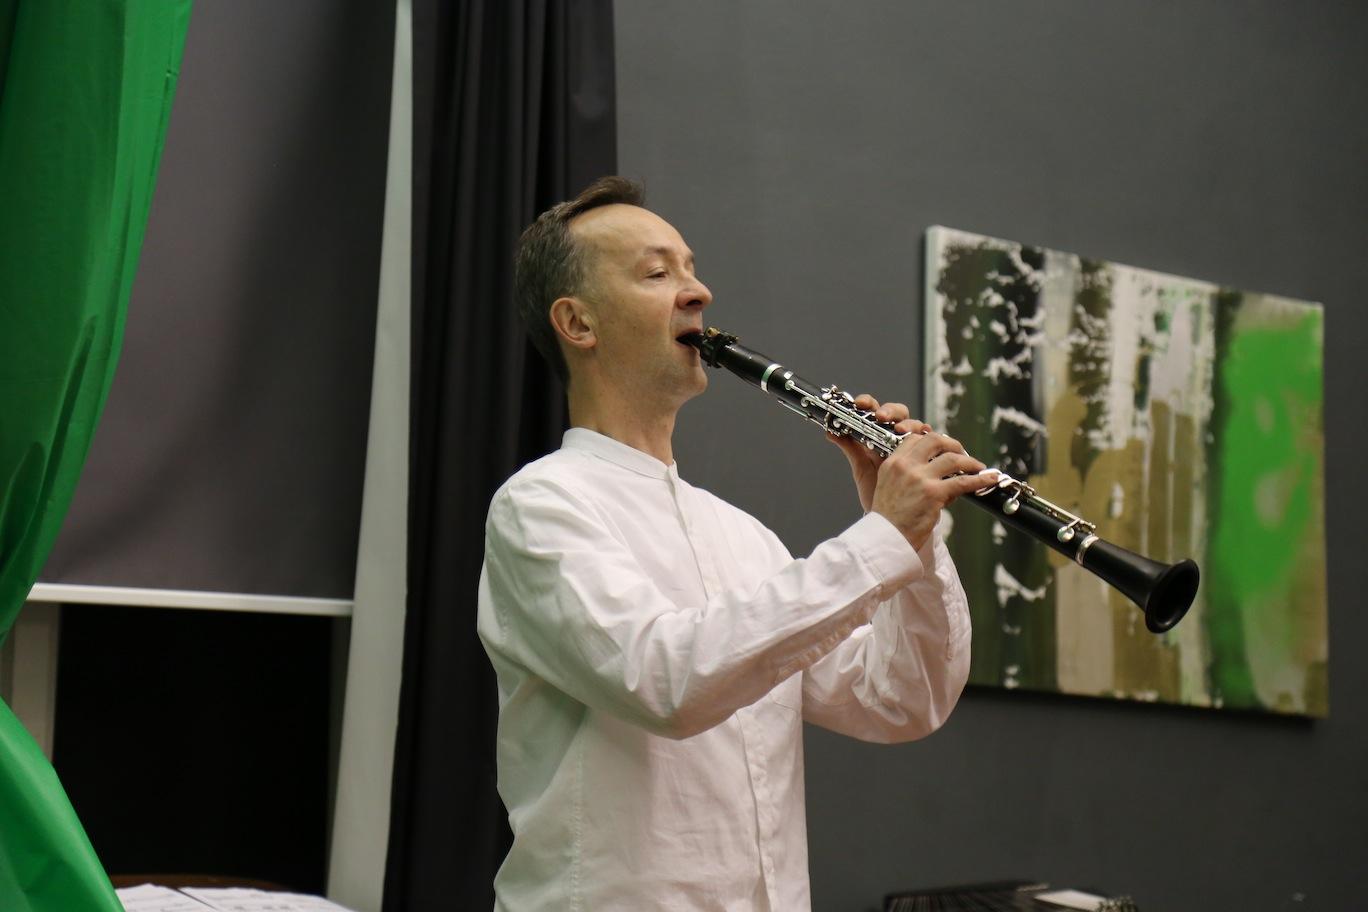 Mikko Raasakka